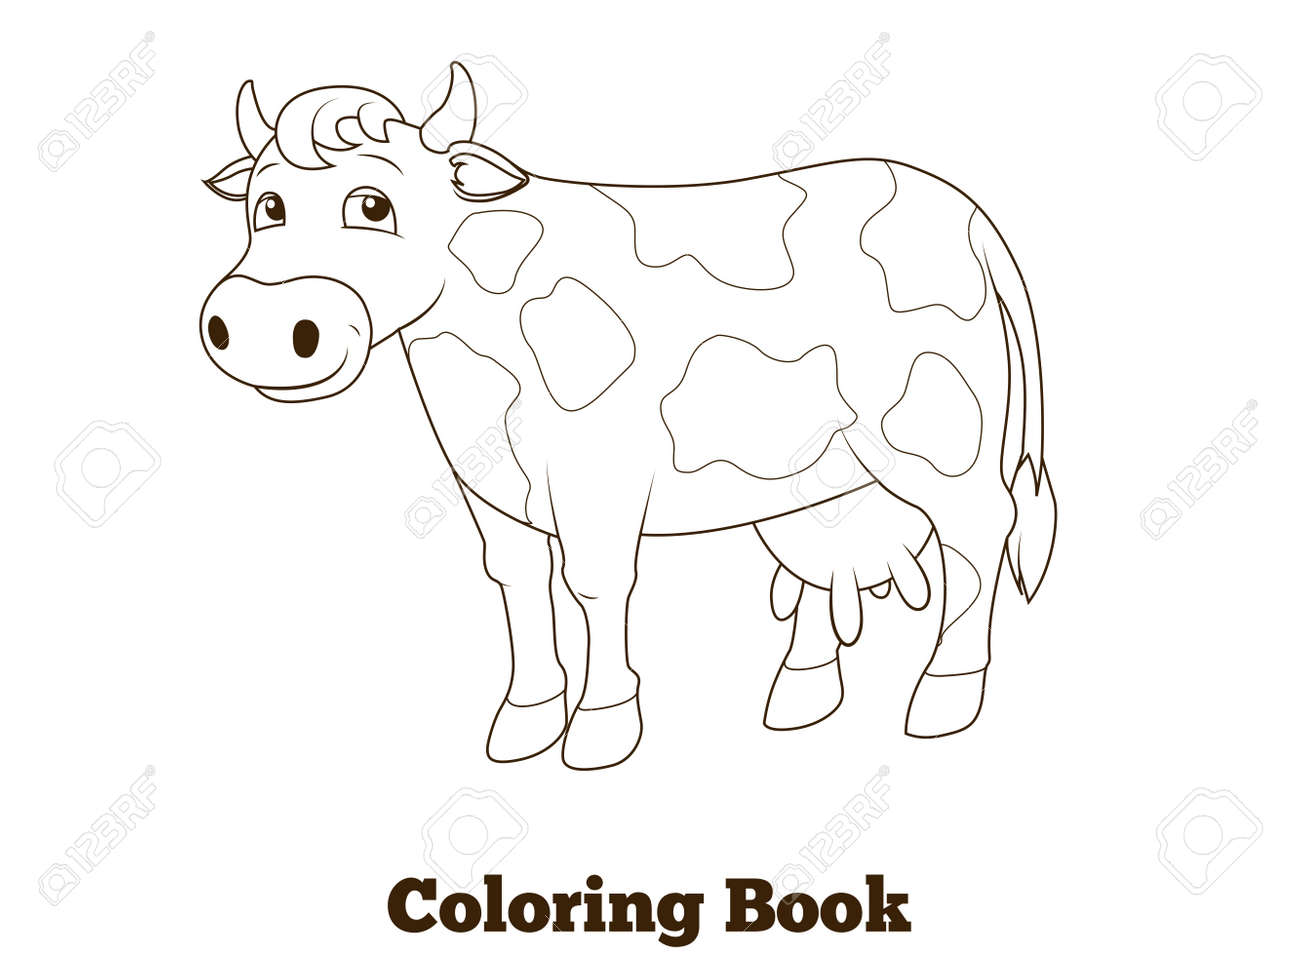 ilustración vectorial de dibujos animados de la vaca educativa libro